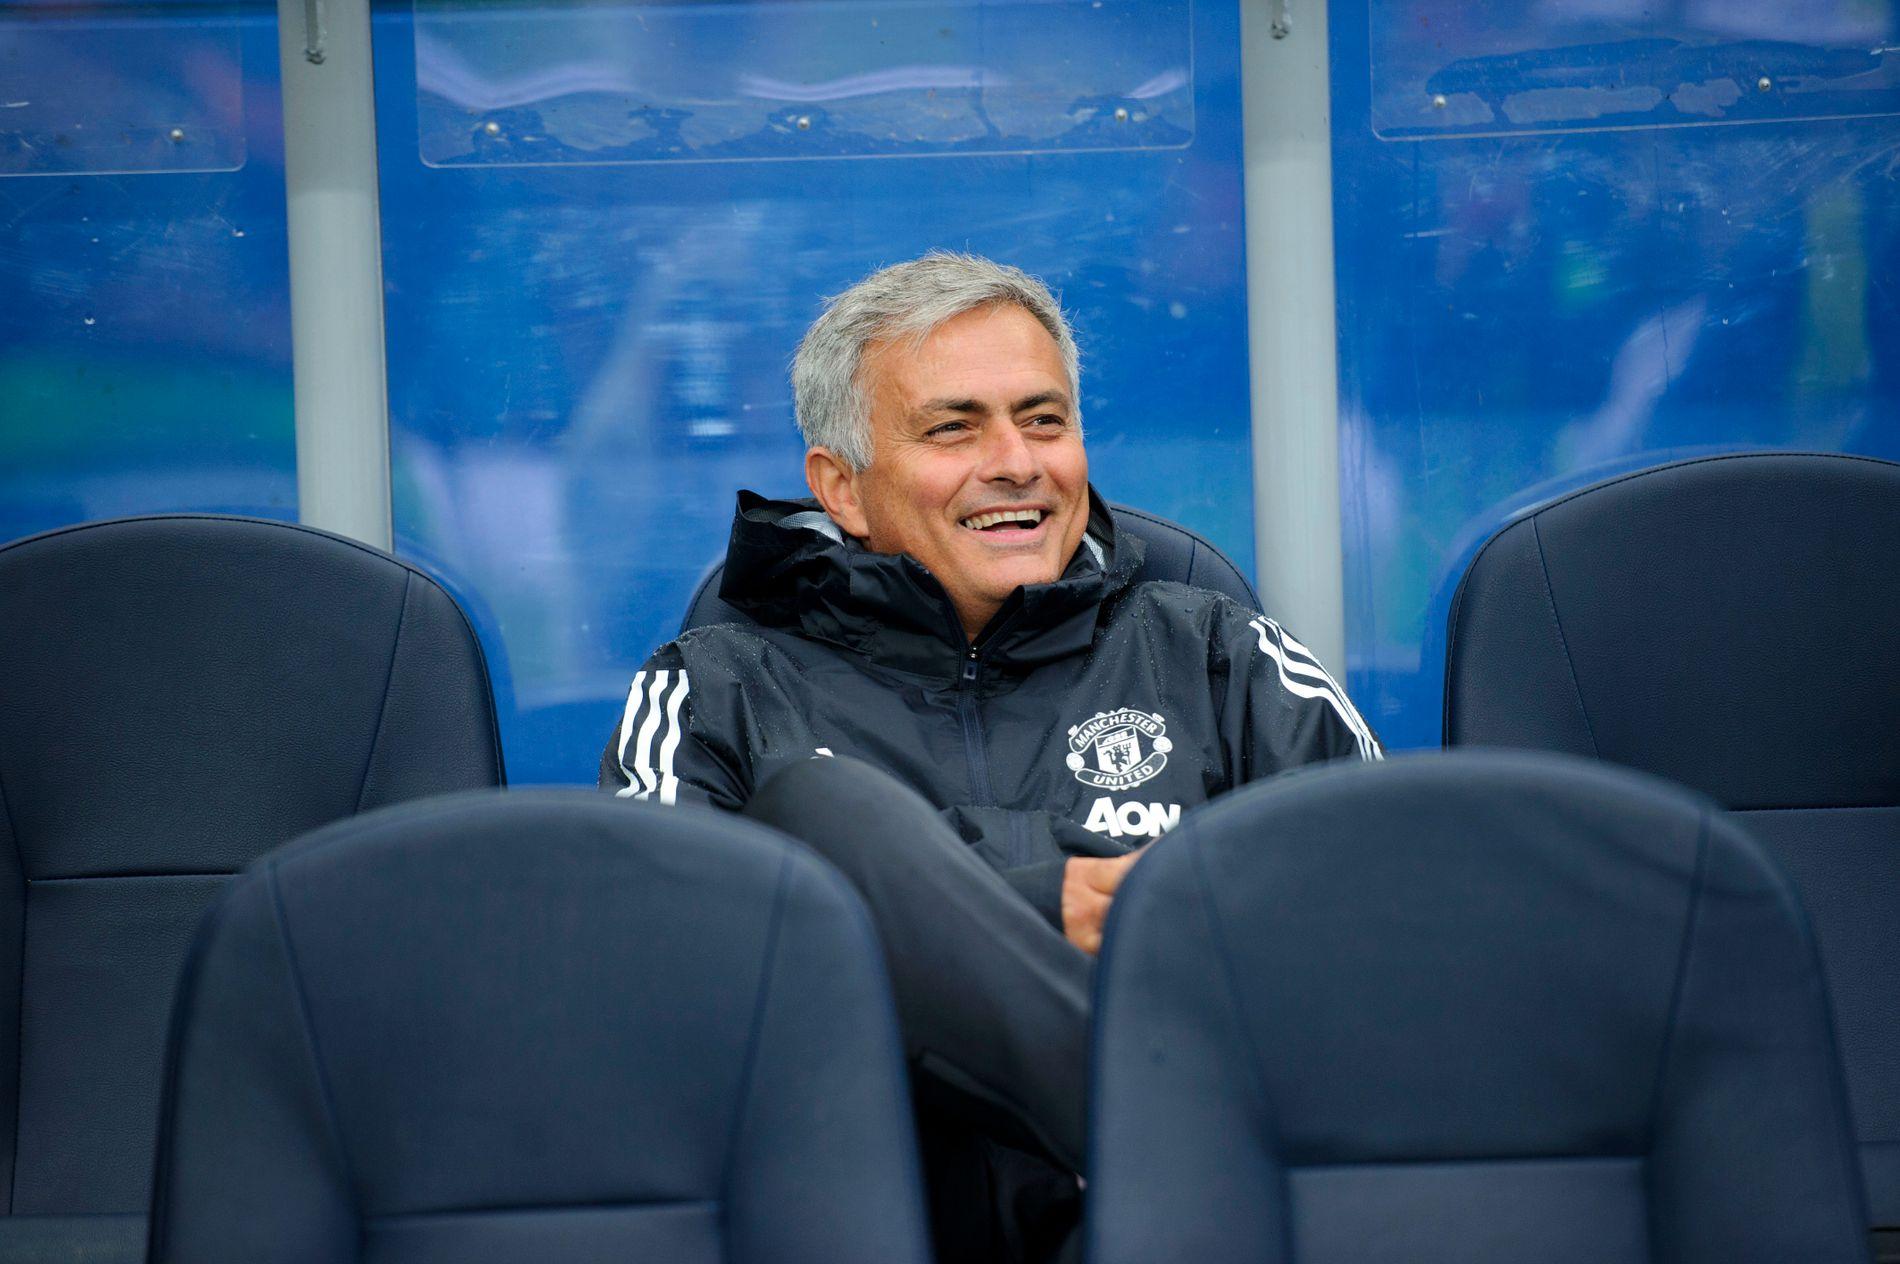 EKSPERT: José Mourinho er nå fotballekspert for beIN SPORTS. Her fra en treningskamp mot Vålerenga i 2017.